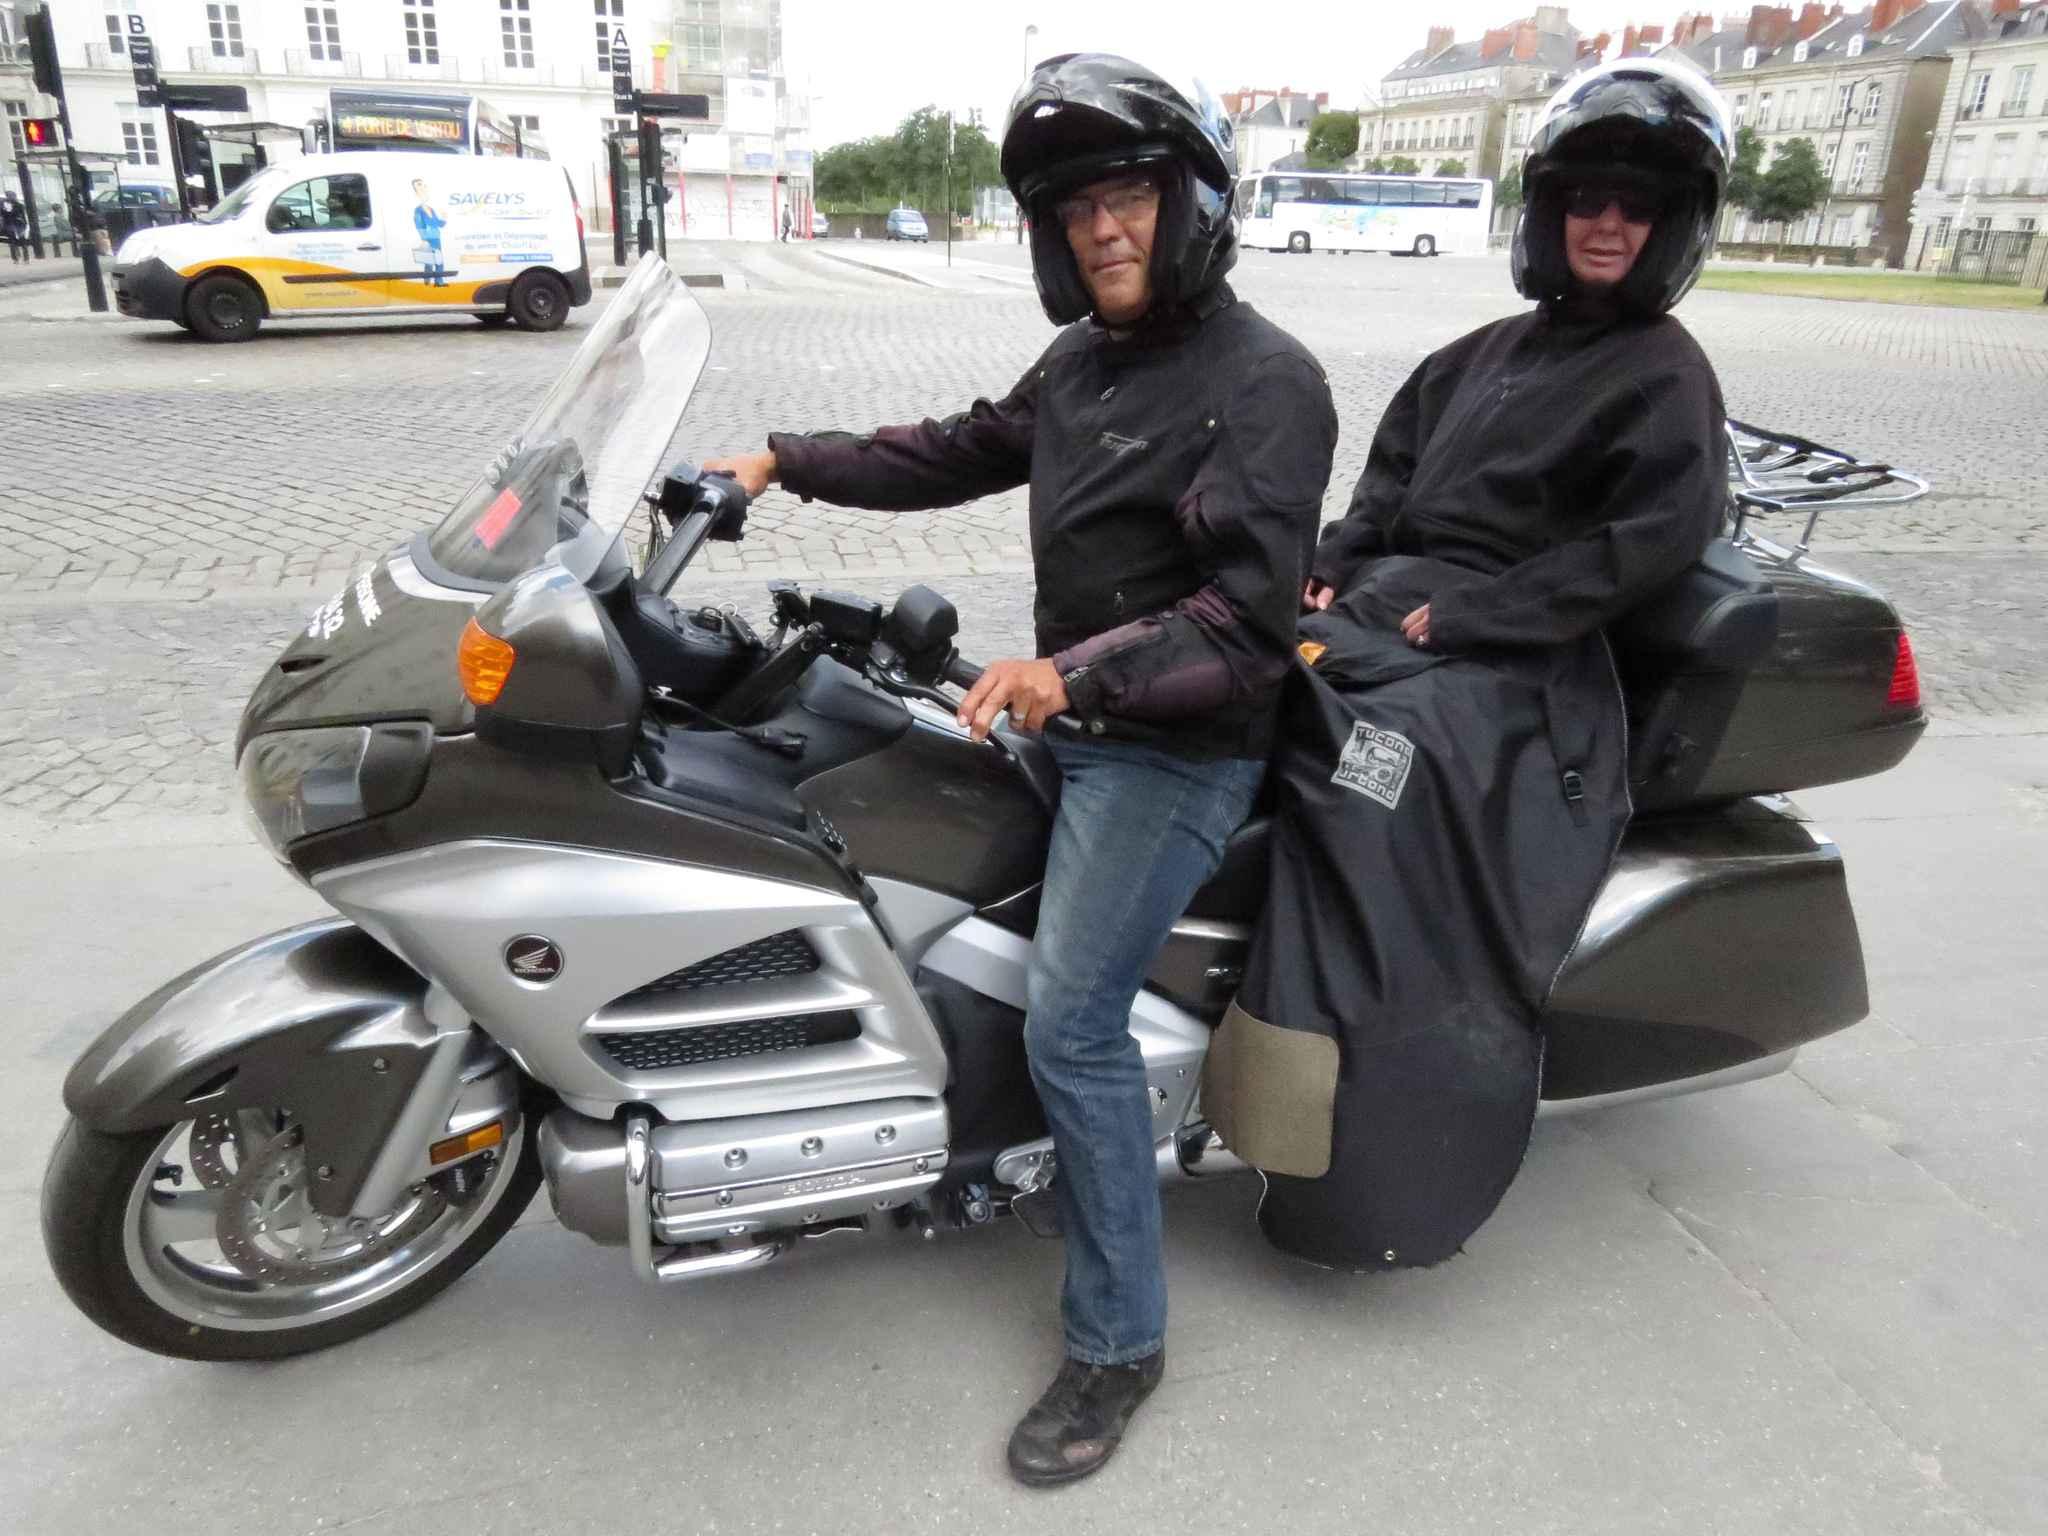 Taxis moto Paris : Que propose la moto taxi ?